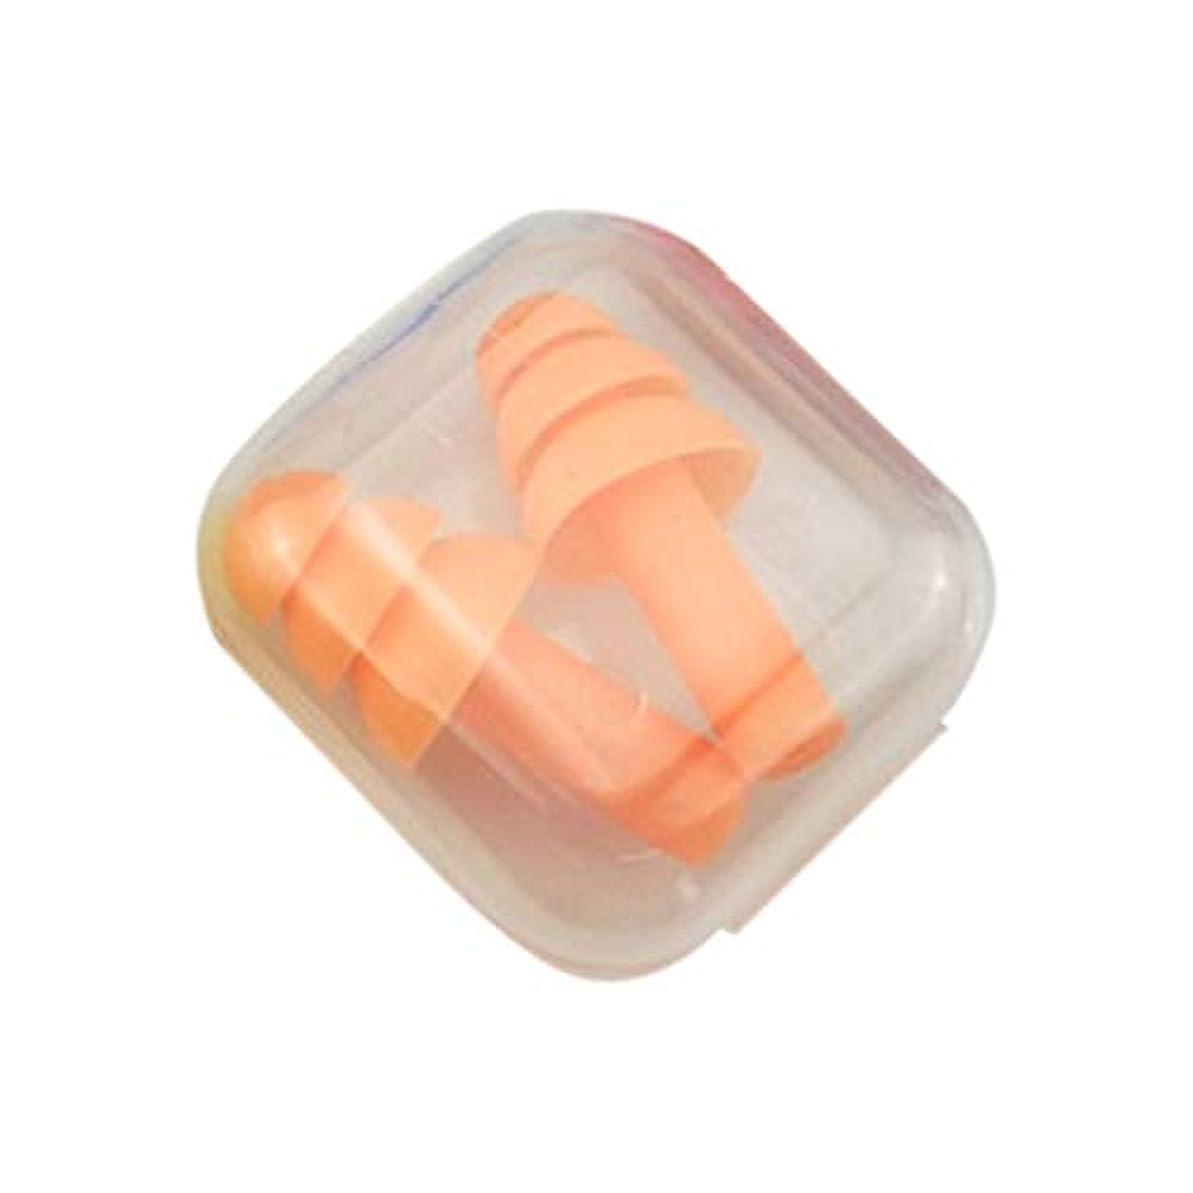 振る舞うディスカウント陸軍柔らかいシリコーンの耳栓遮音用耳の保護用の耳栓防音睡眠ボックス付き収納ボックス - オレンジ